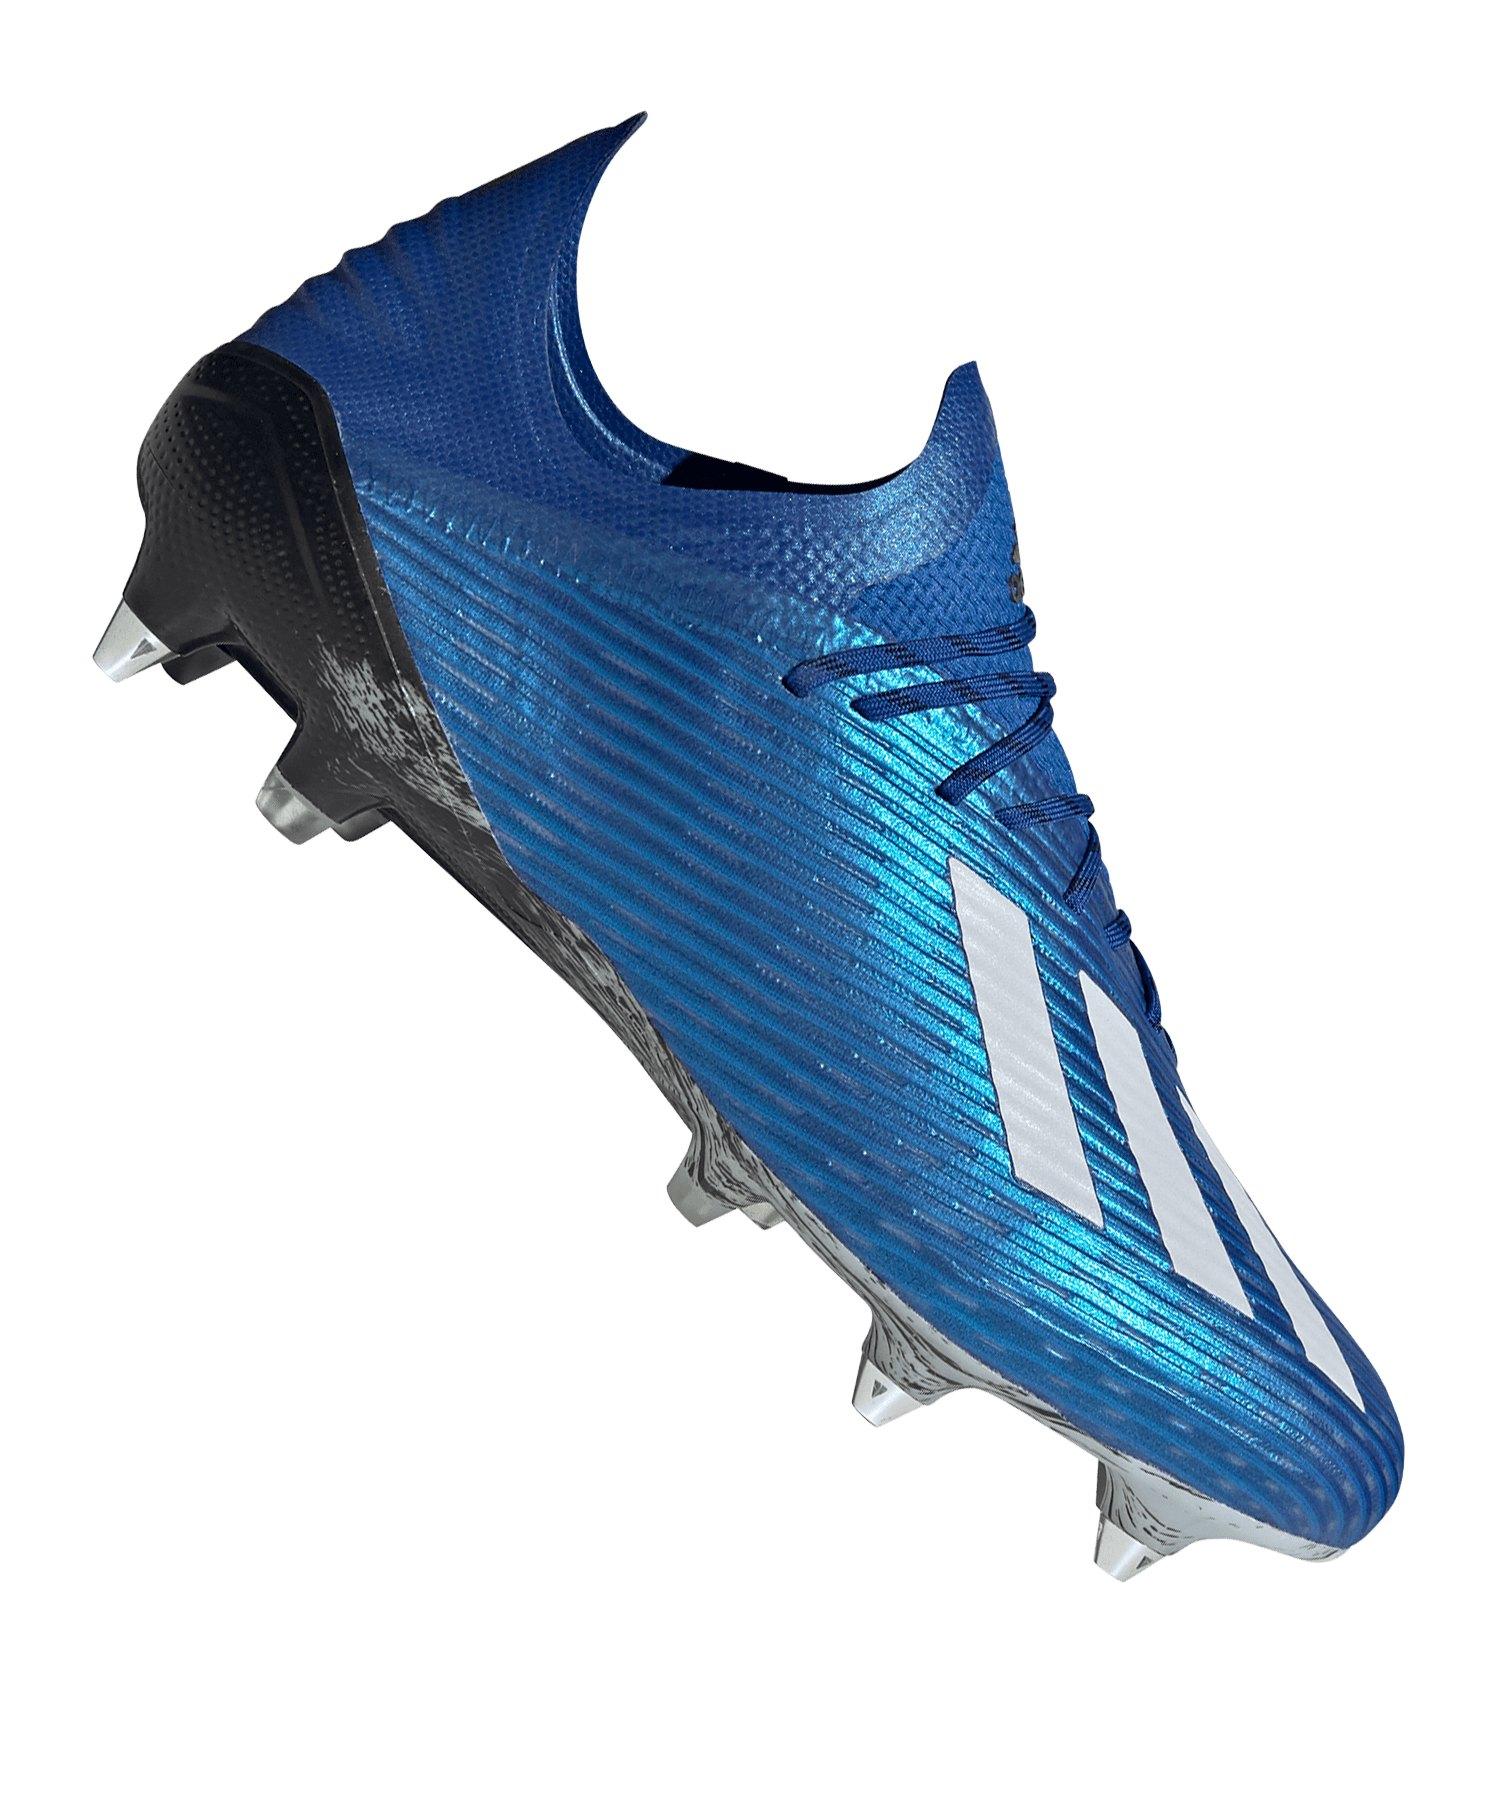 adidas X 19.1 SG Blau Schwarz - blau